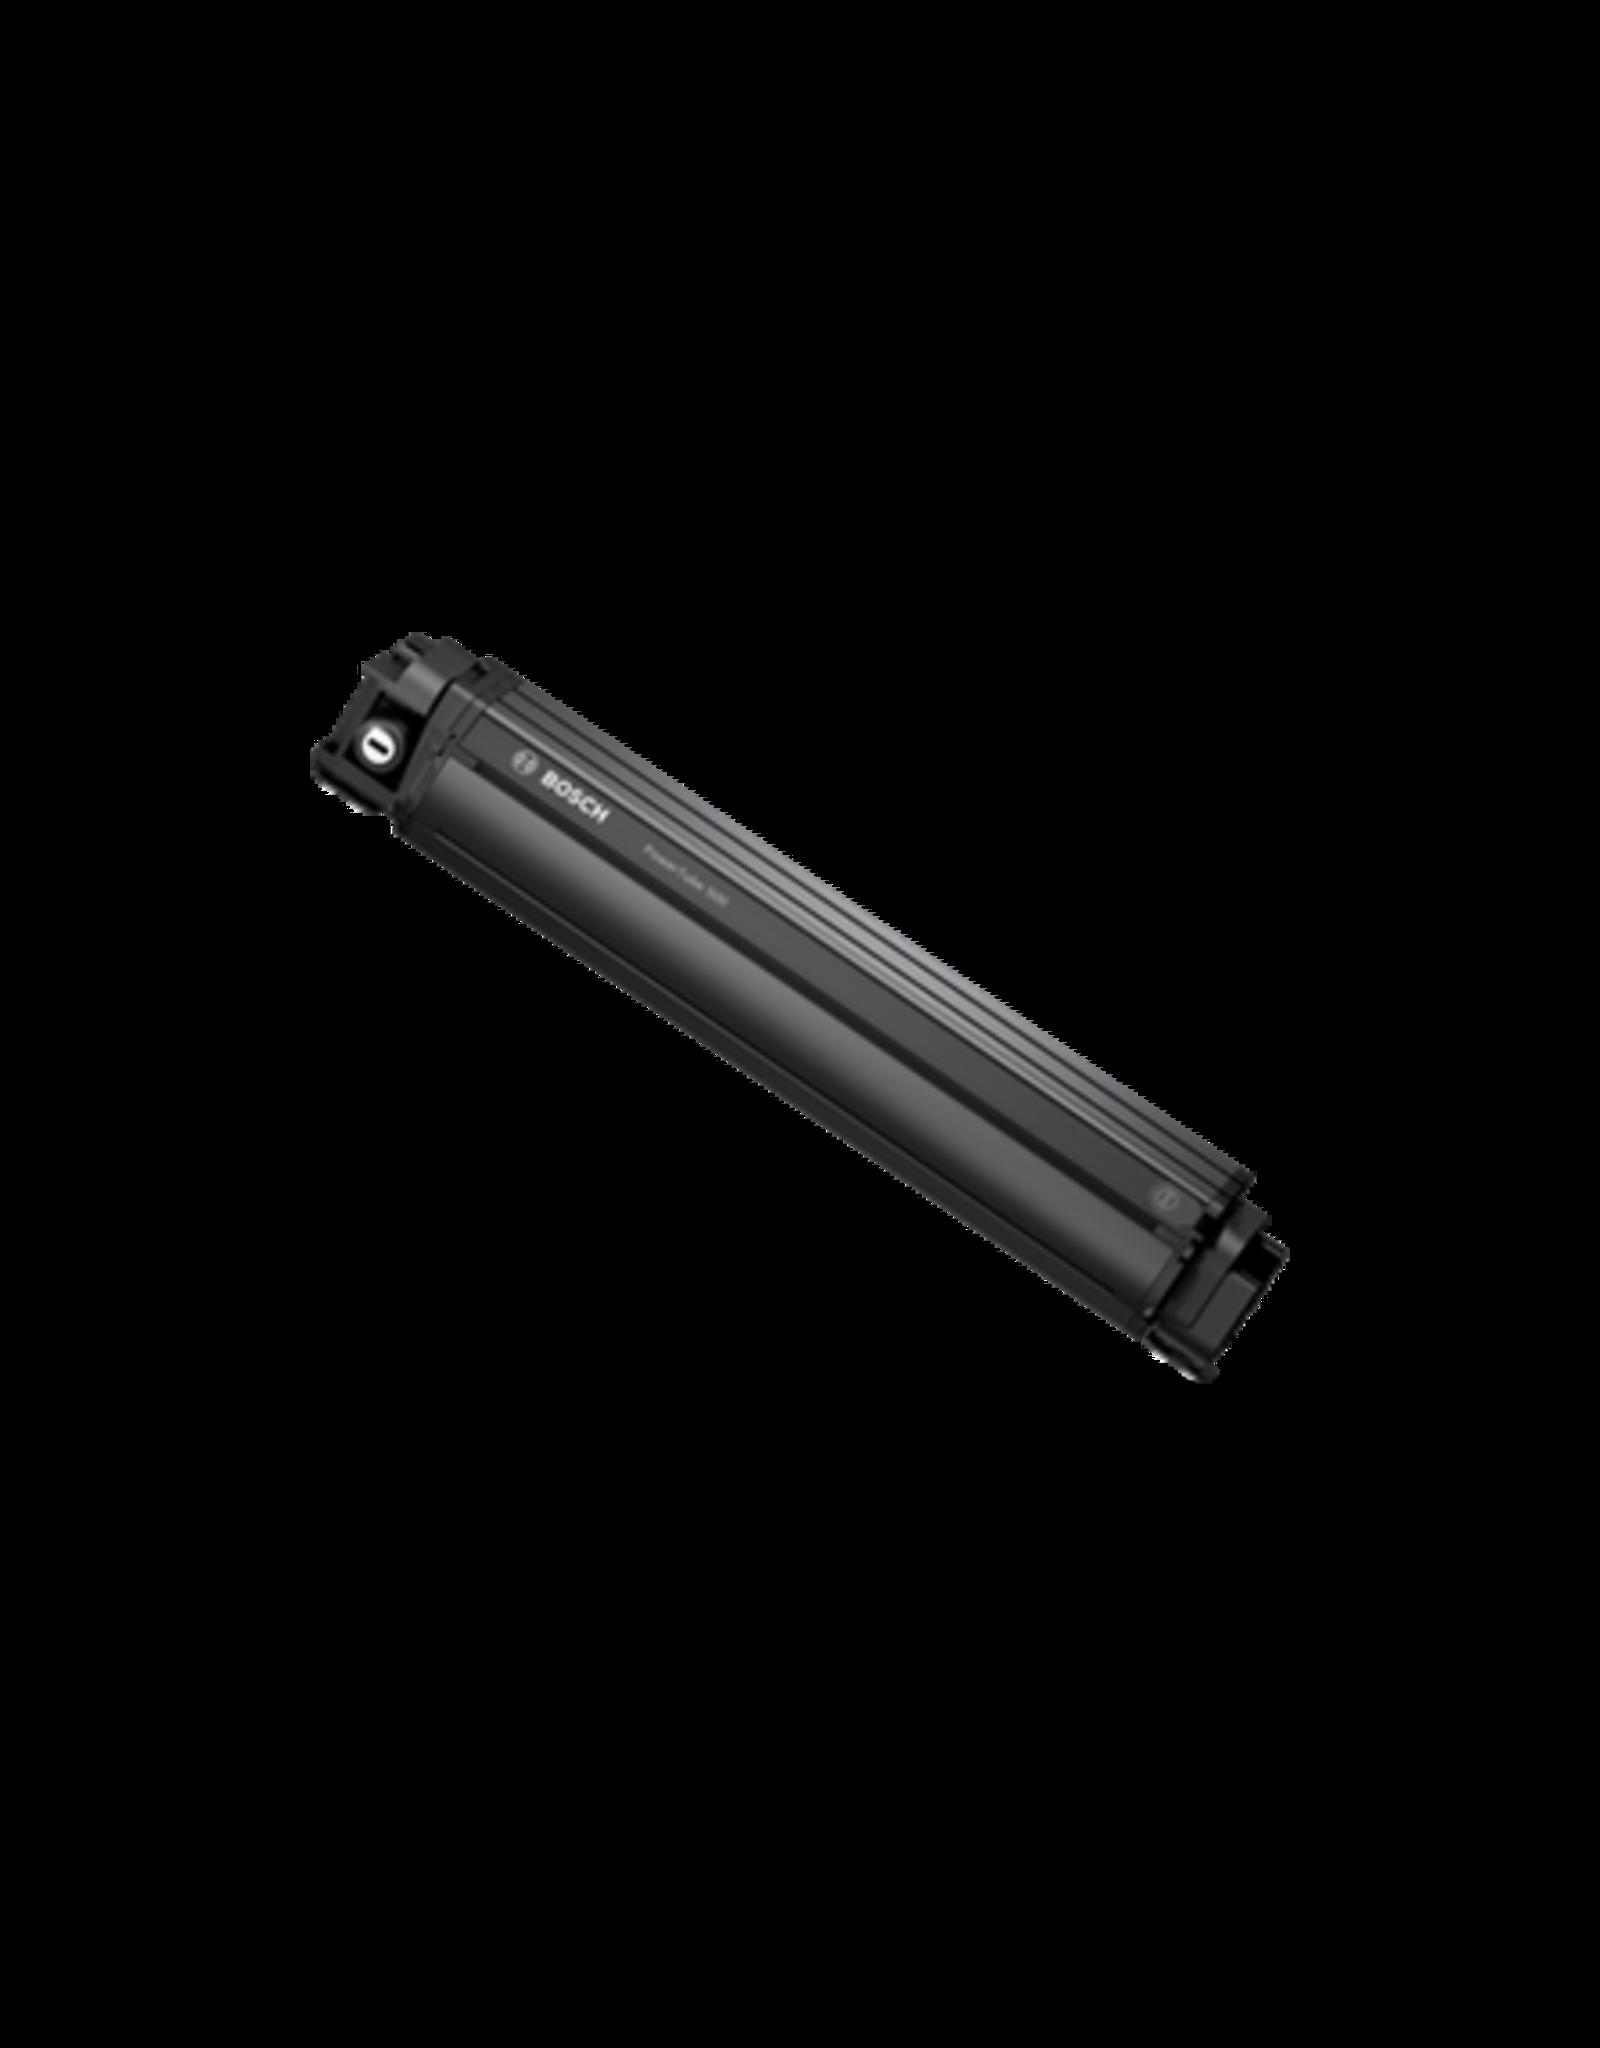 Bosch Powertube 500 Wh Vertic. battery (frame integrated)